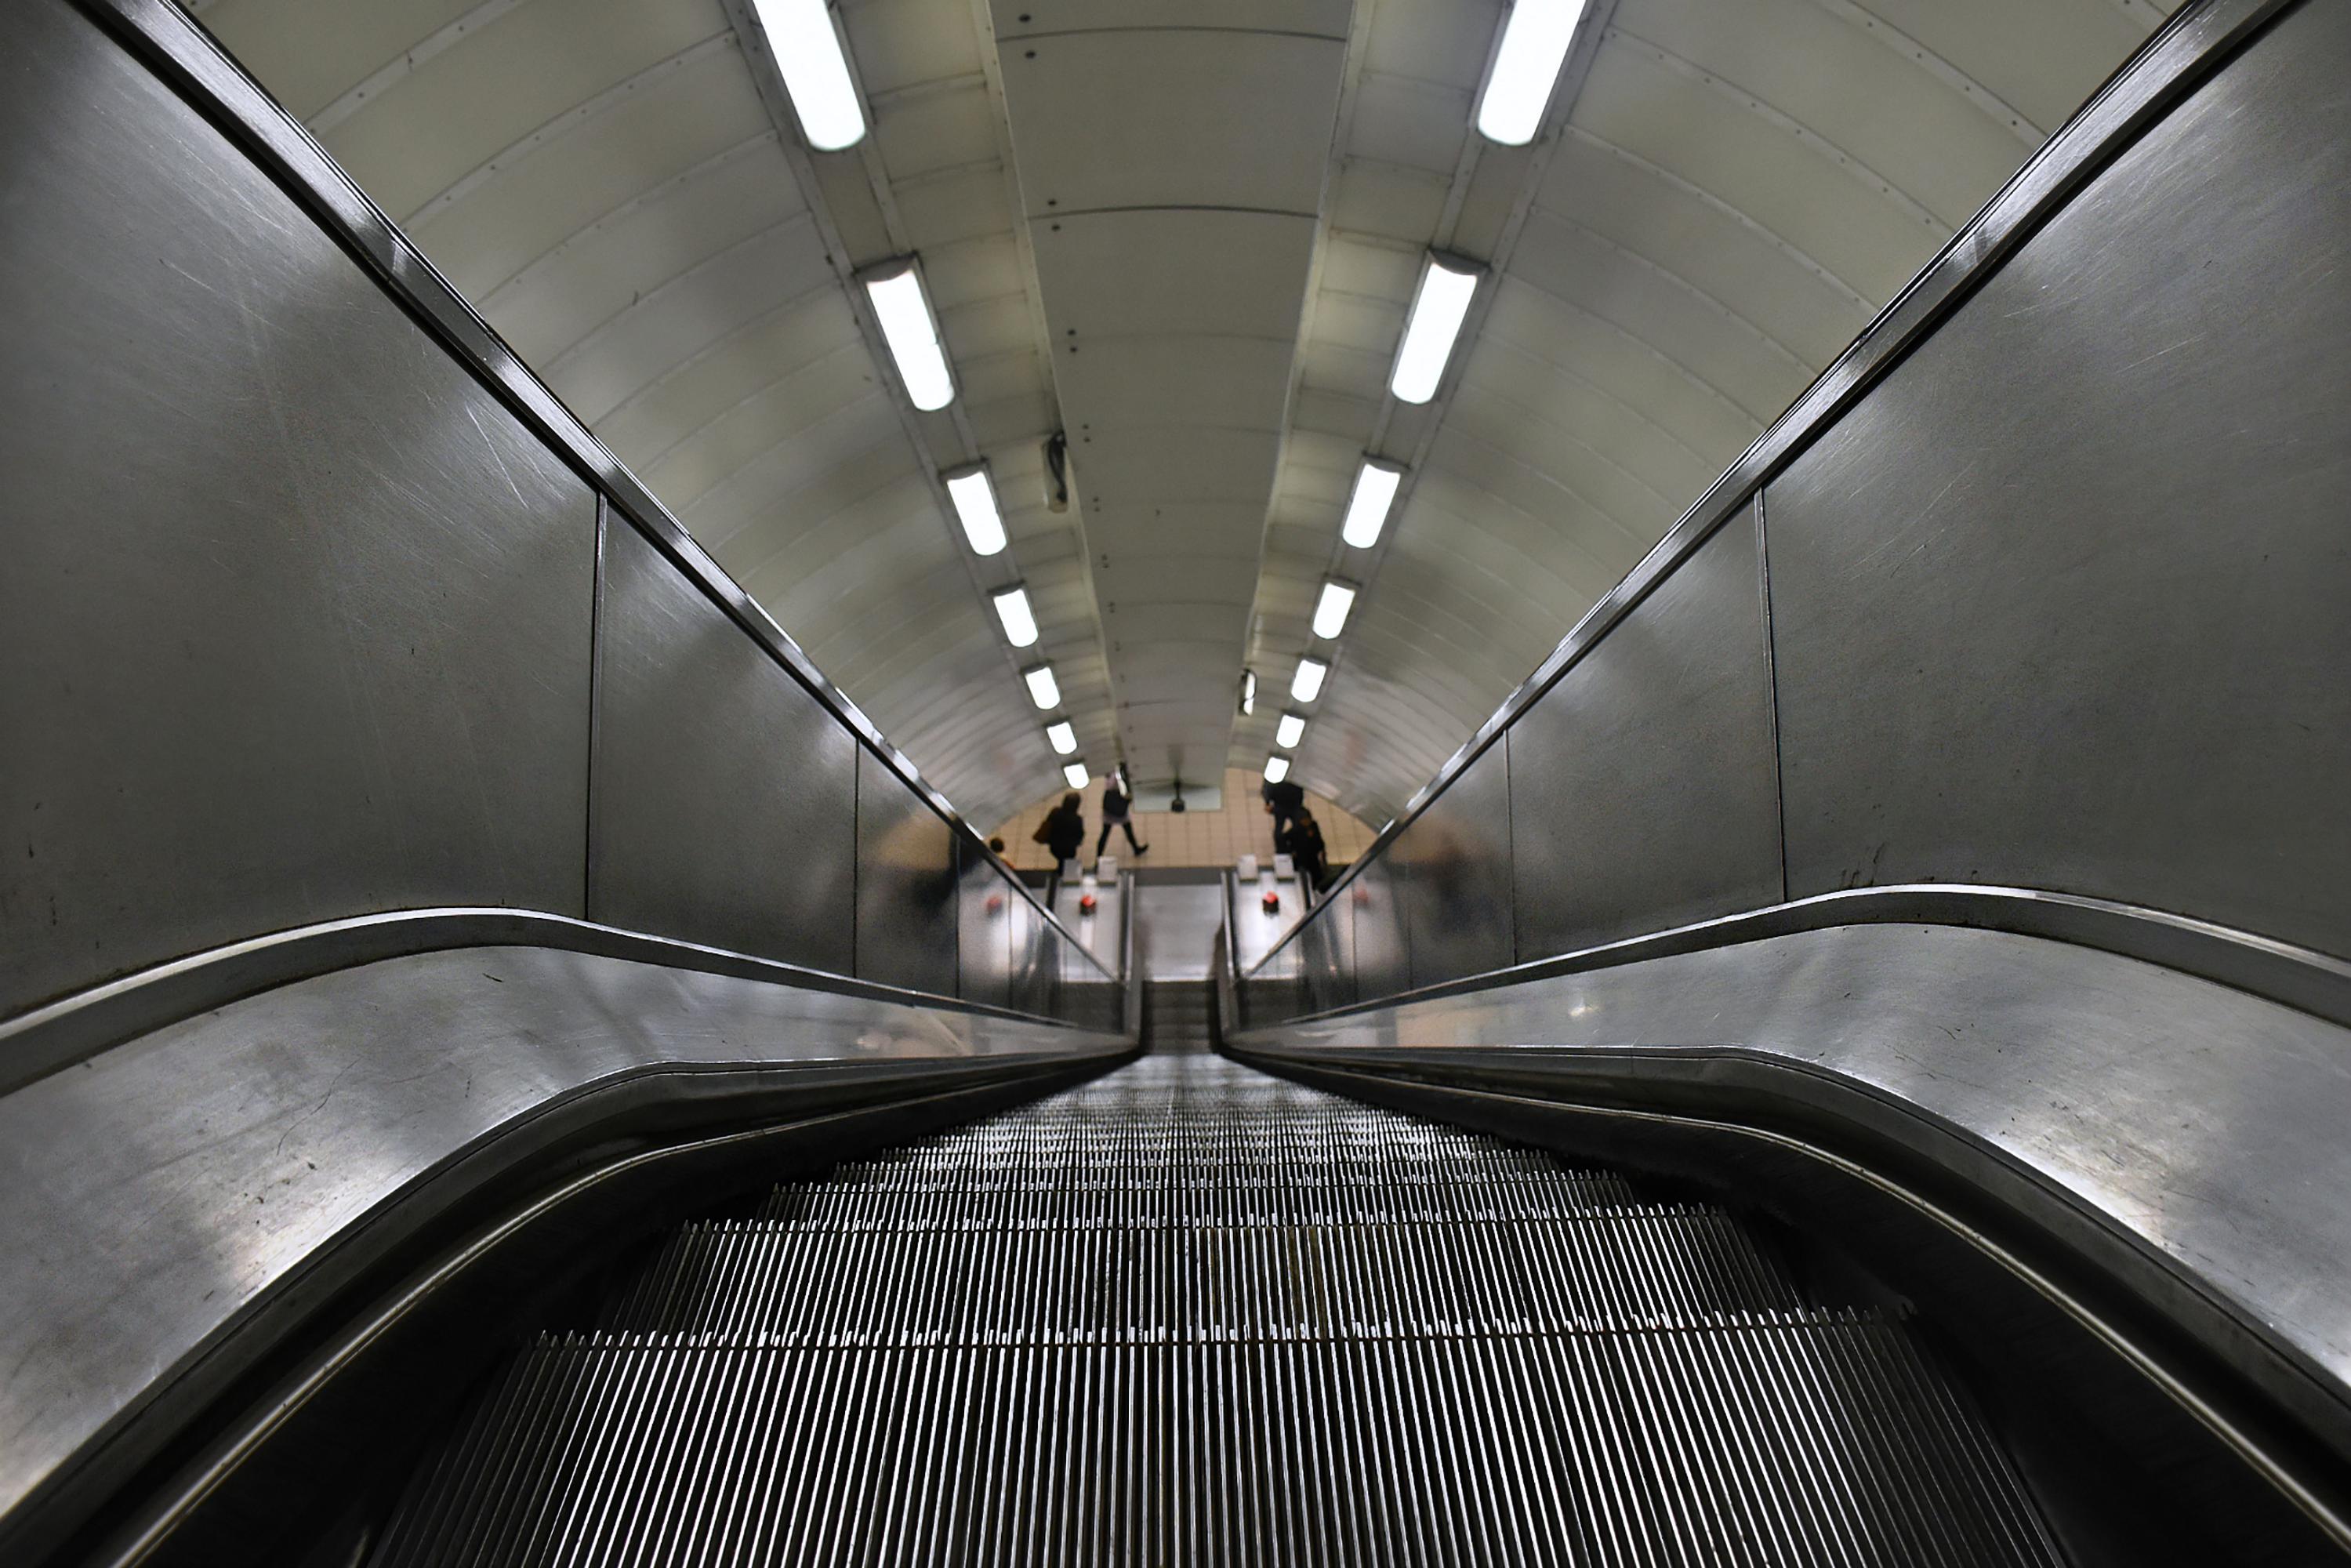 Tottenham Court Road Underground